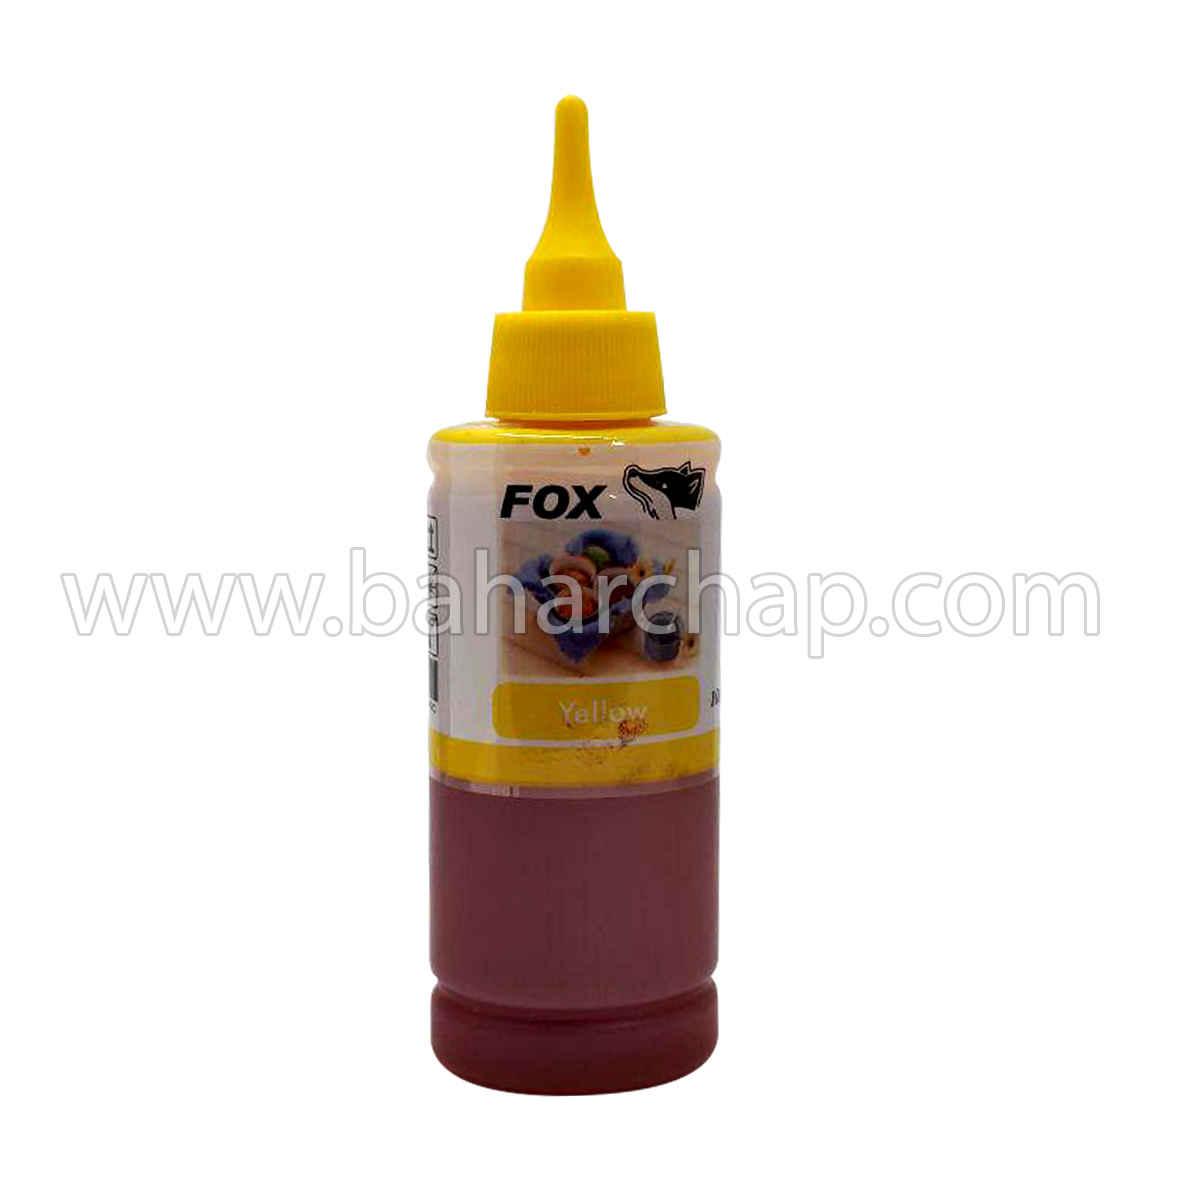 فروشگاه و خدمات اینترنتی بهارچاپ اصفهان-جوهر 100cc زرد اپسون فوکس-fox epson yellow  ink 100cc